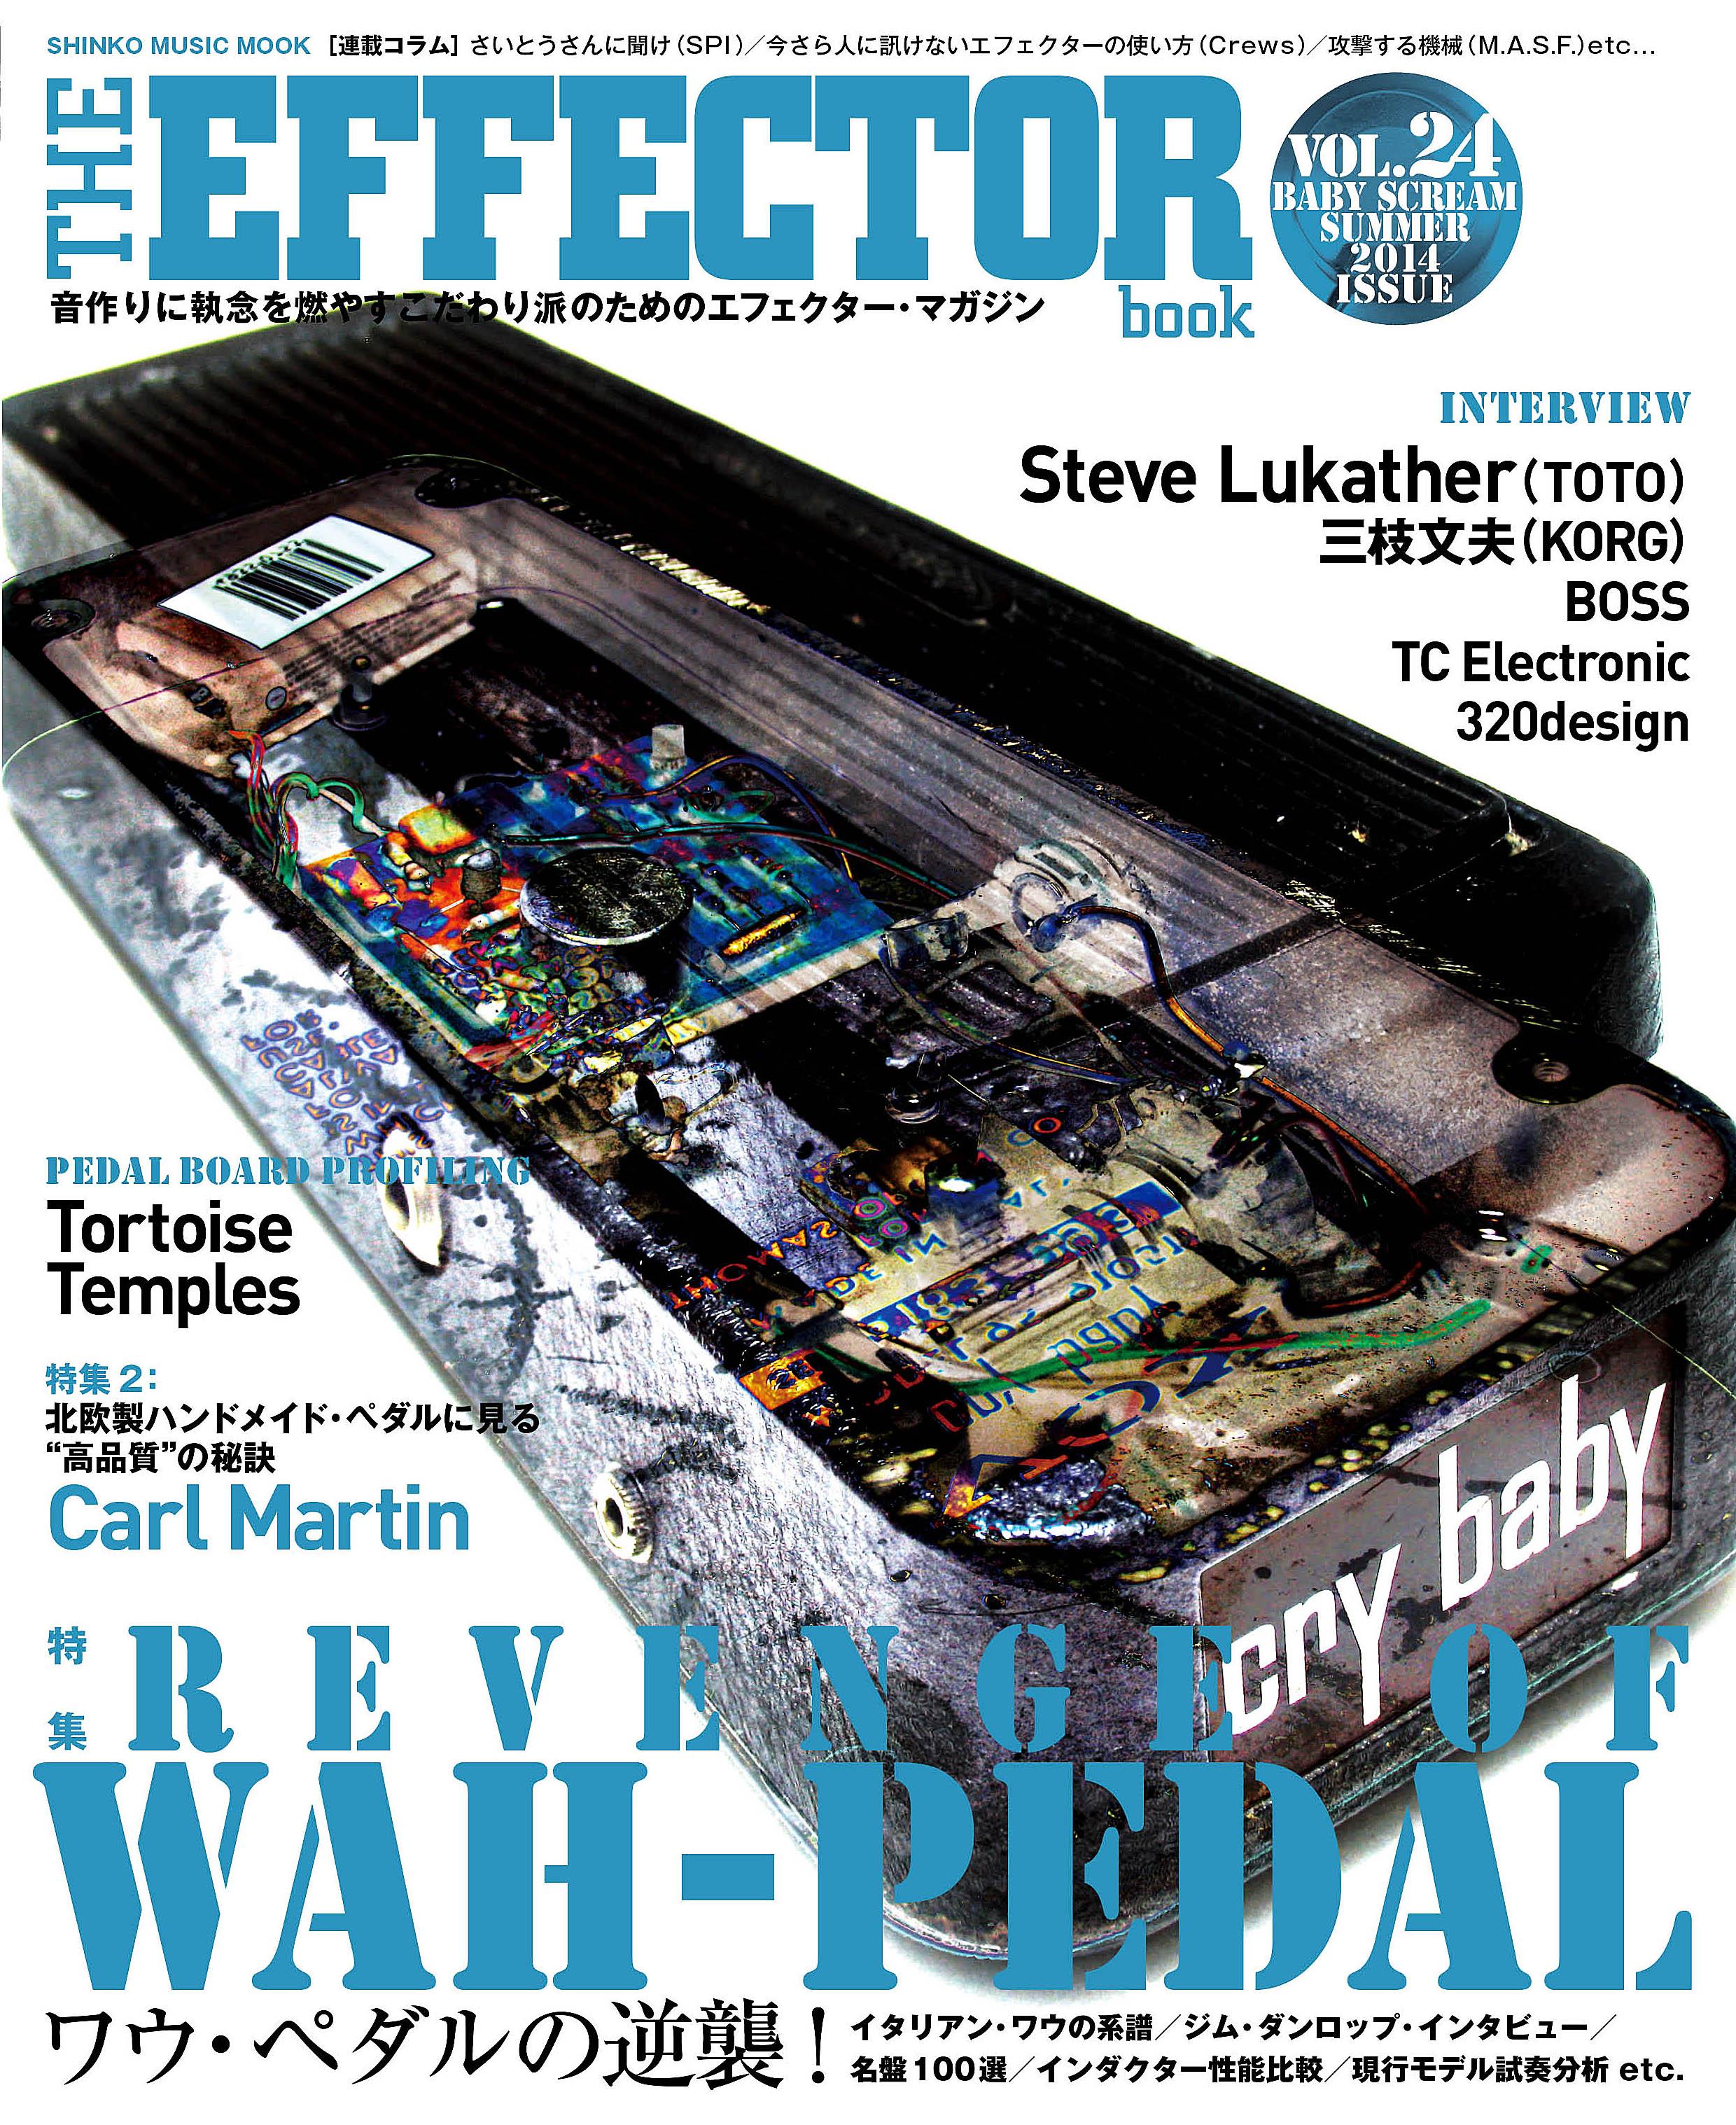 eb24_cover_small